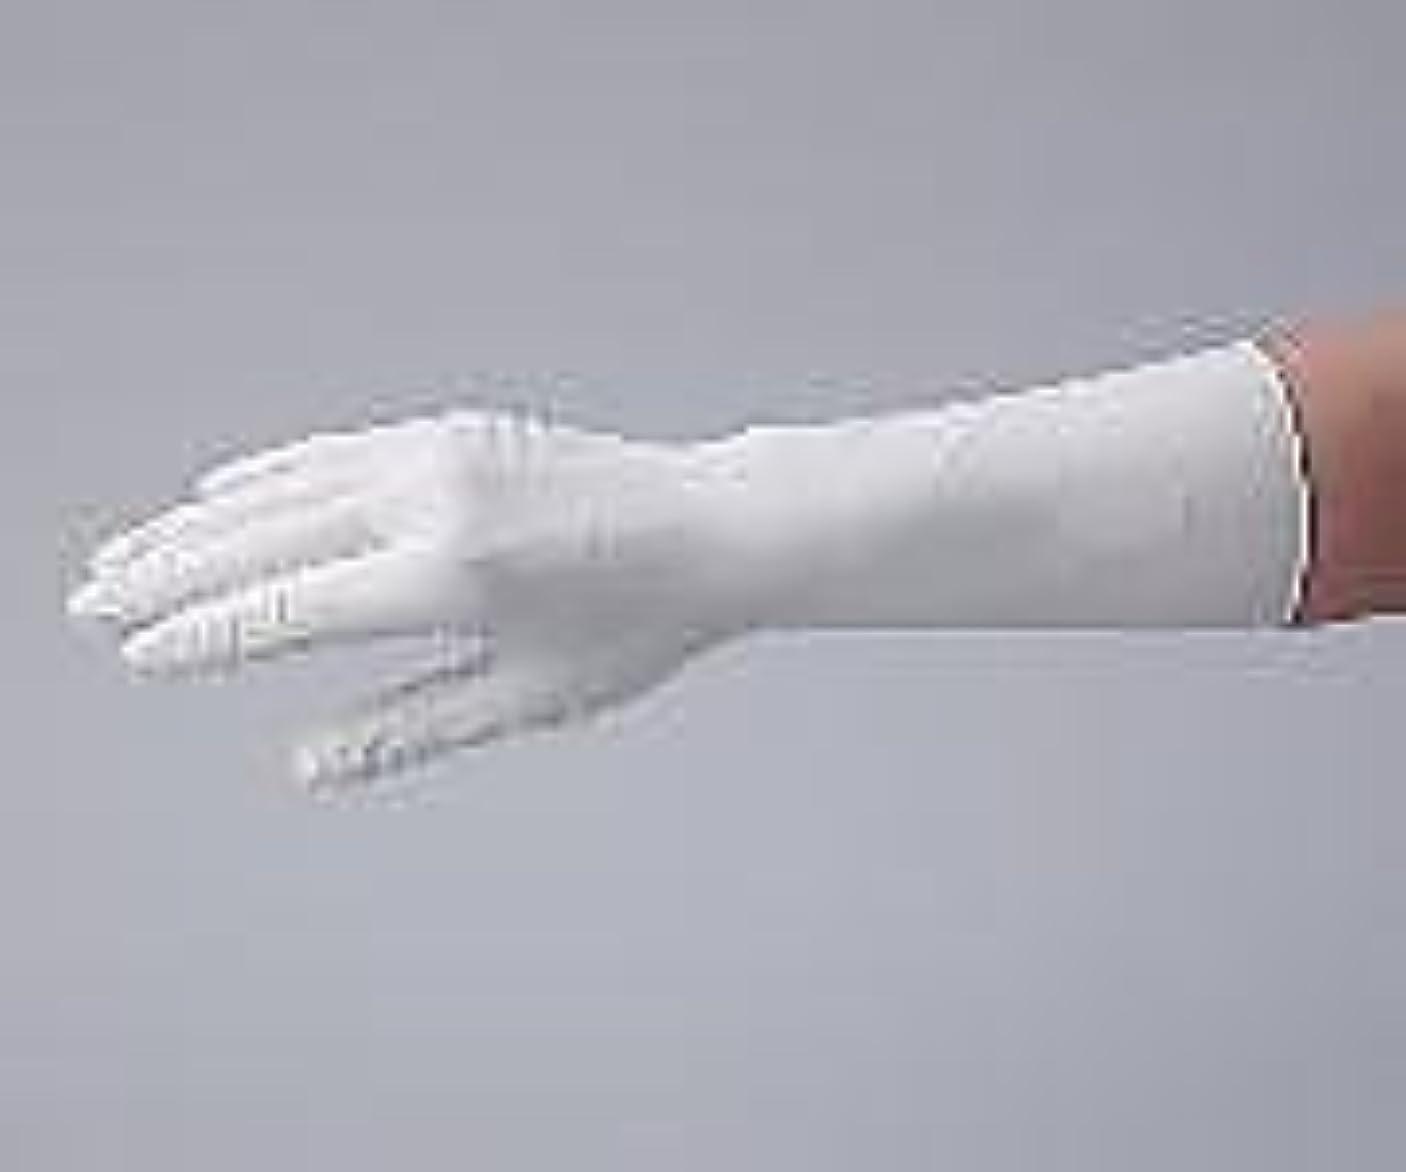 滅びるコンドーム叫ぶアズピュア(アズワン)1-2324-51アズピュアクリーンファーストニトリル手袋(ペアタイプ)クリーンパックXS左右各50枚×10袋入